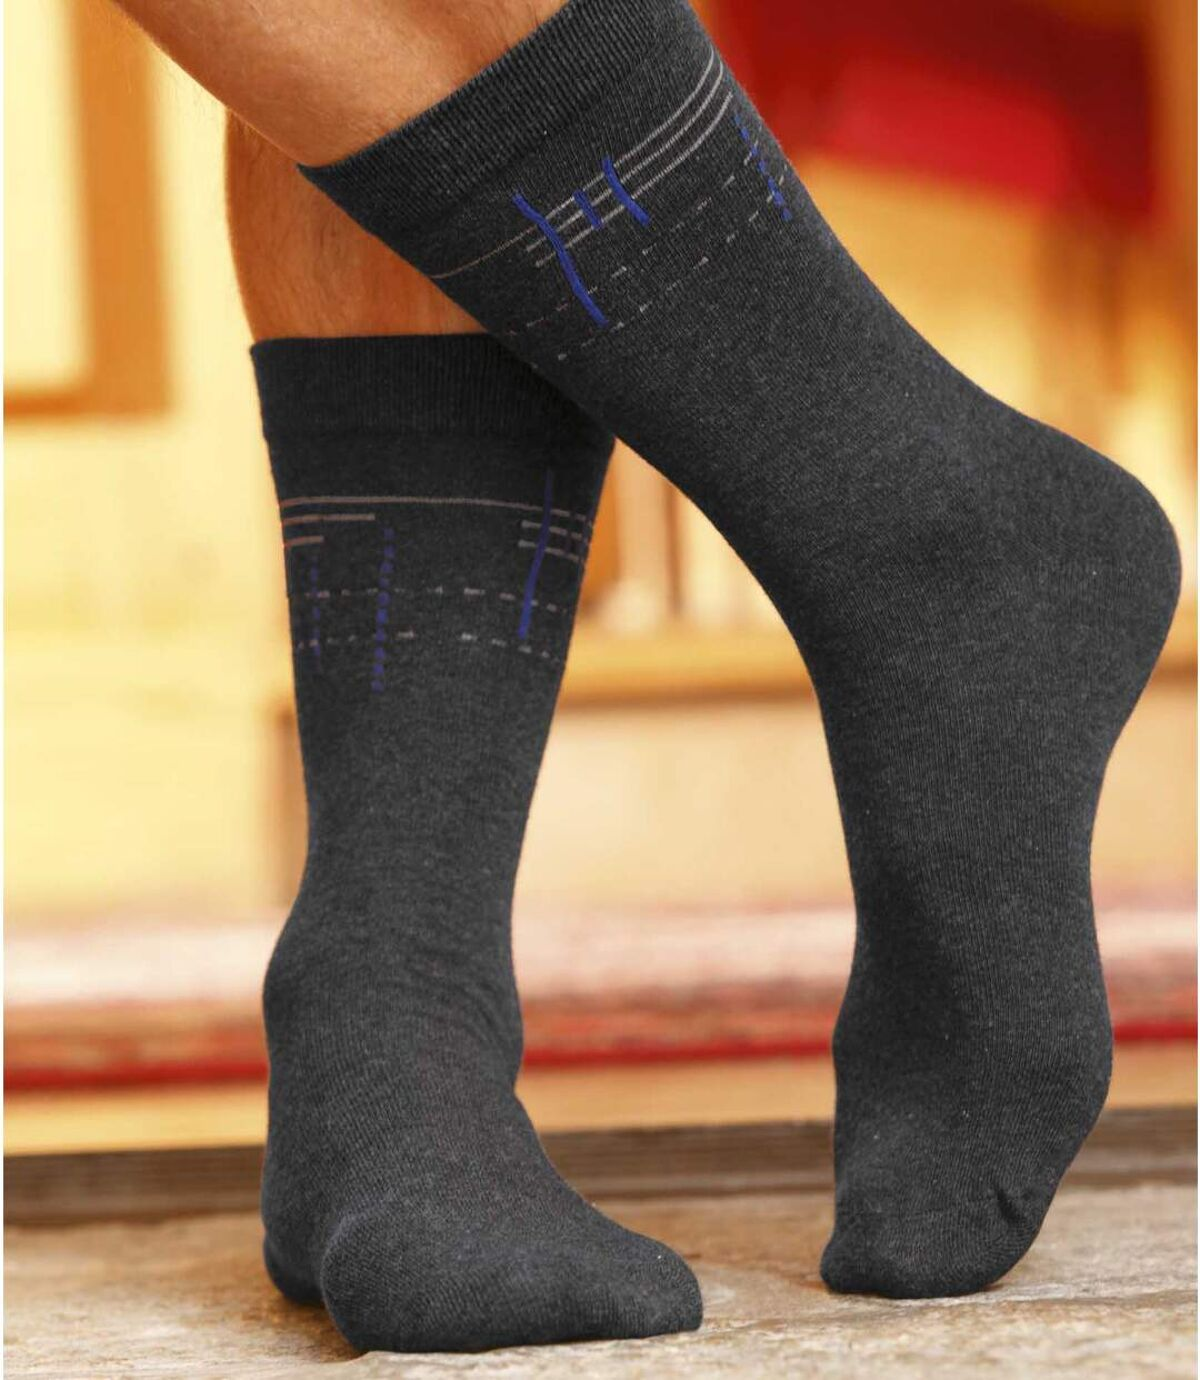 Pack of 4 Pairs of Men's Patterned Socks Atlas For Men